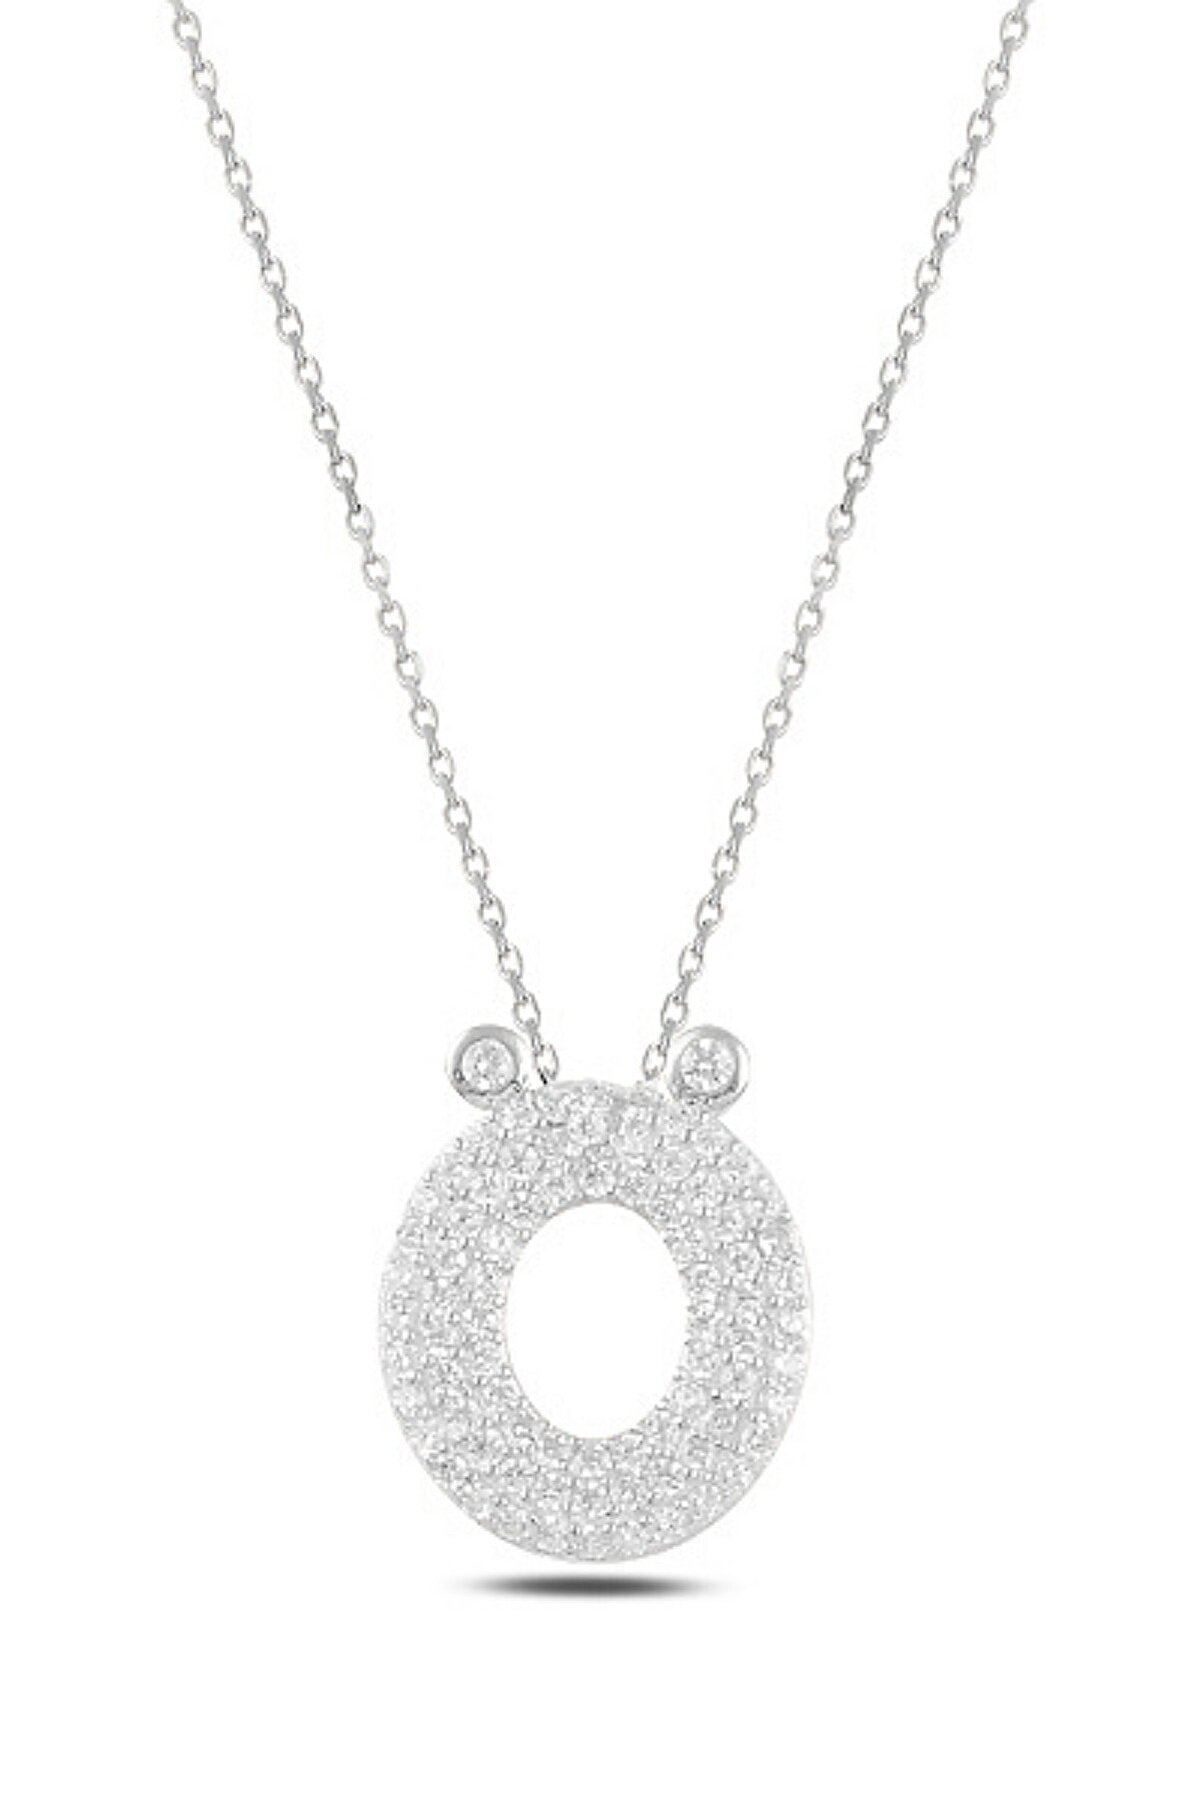 KOVAC Kadın -ö- Harfi Zirkon Taşlı 925 Ayar Gümüş Kolye